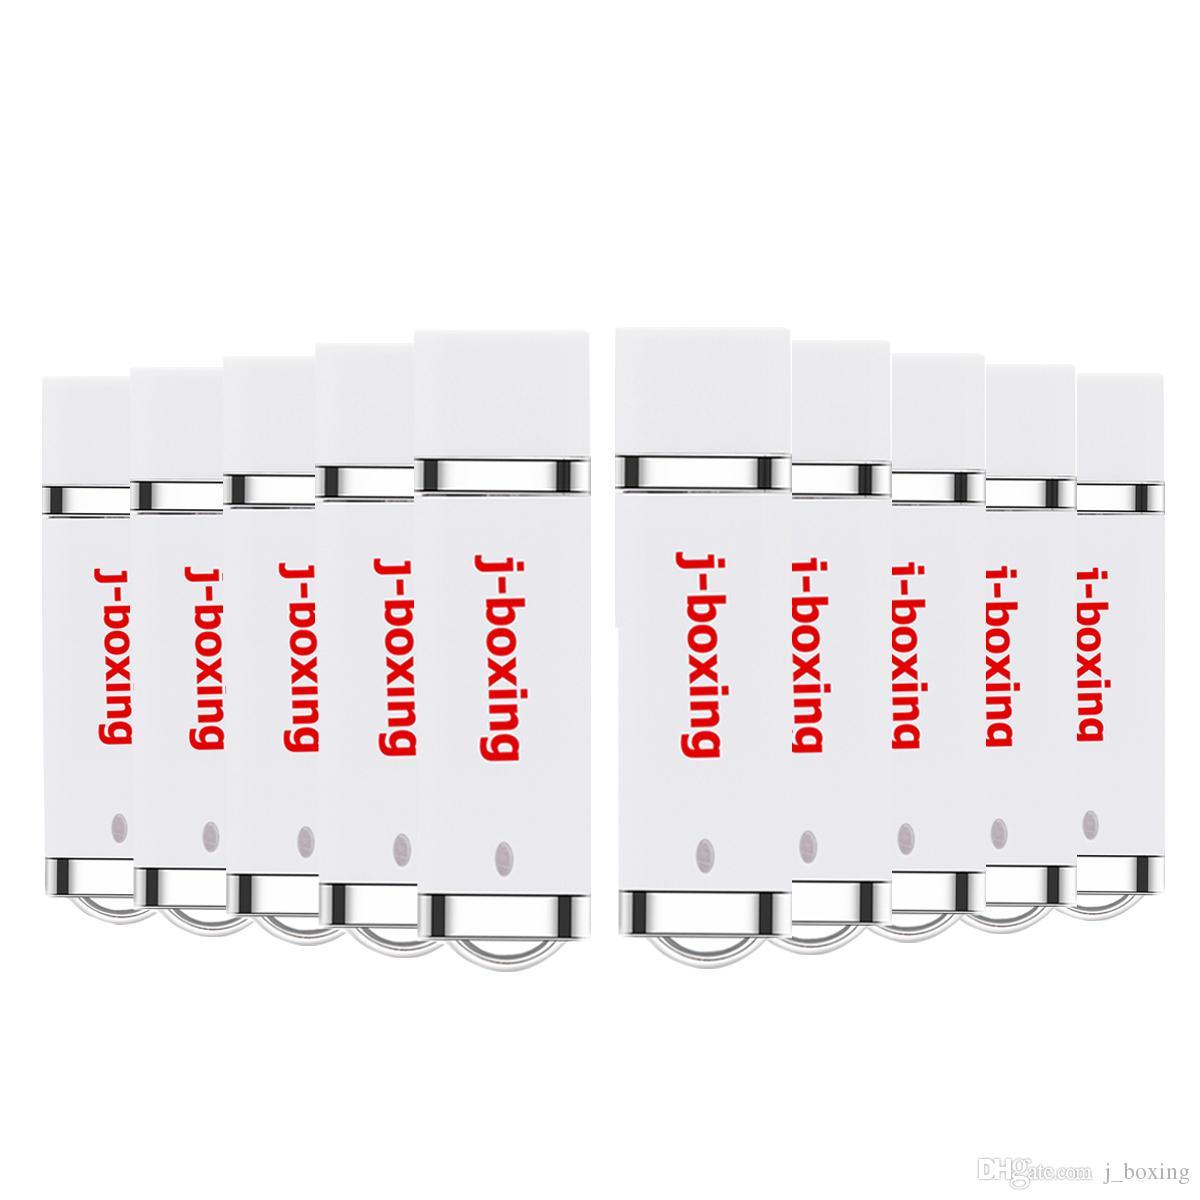 10PCS White Lighter Model USB 2.0 Flash Drive Pen Drives USB Memory Stick 64M 128M 256M 512M 1G 2G 4G 8G 16G 32G for PC Laptop Thumb Storage